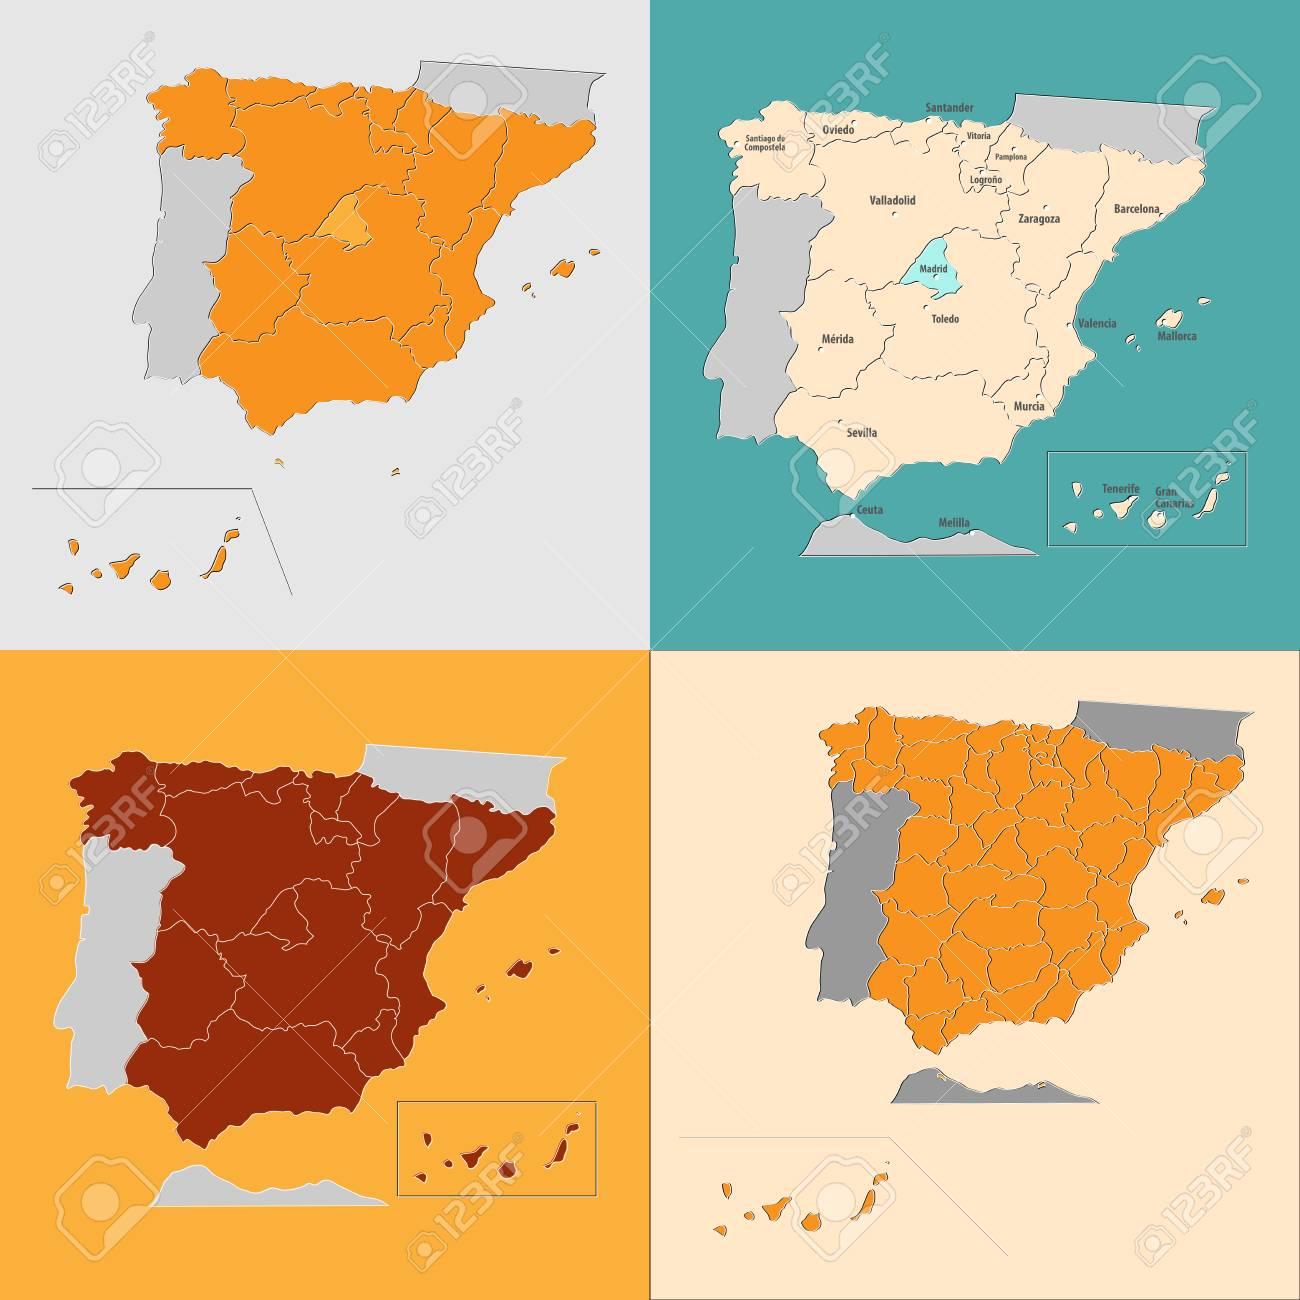 Big Map Of Spain.Map Of Spain Big In September